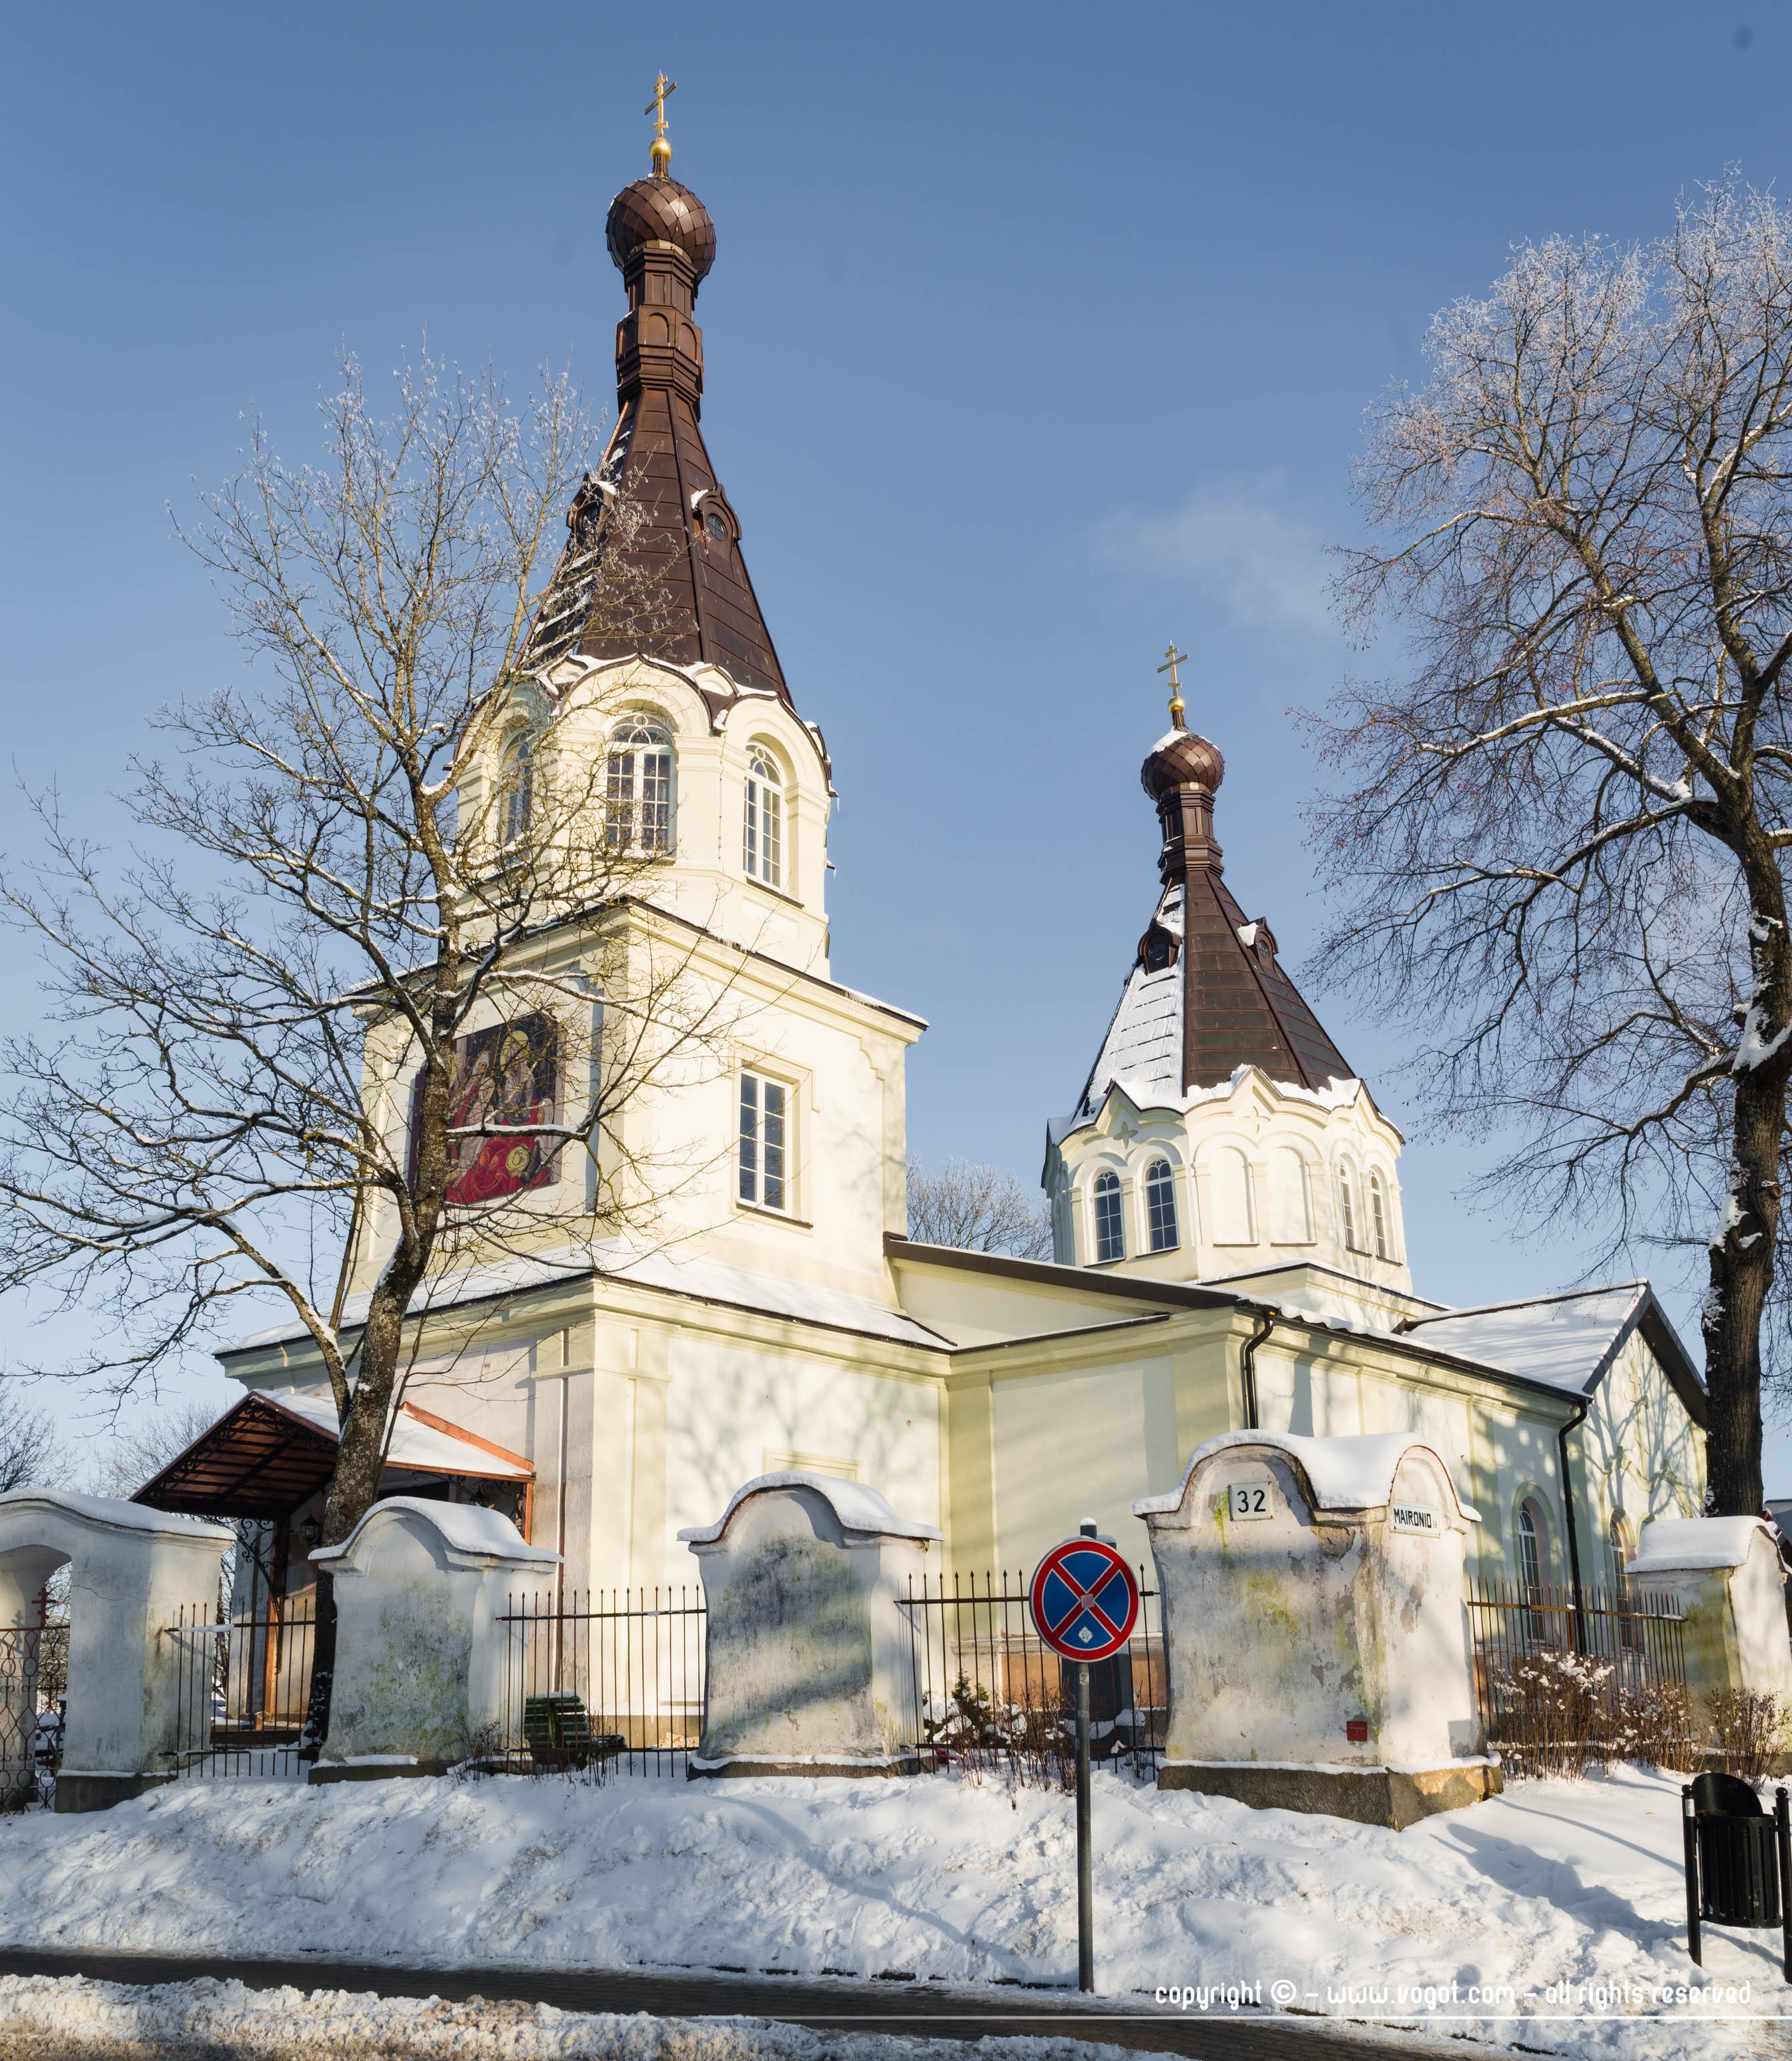 Trakai en hiver - Eglise orthodoxe de la Nativité de la Très Sainte Mère de Dieu